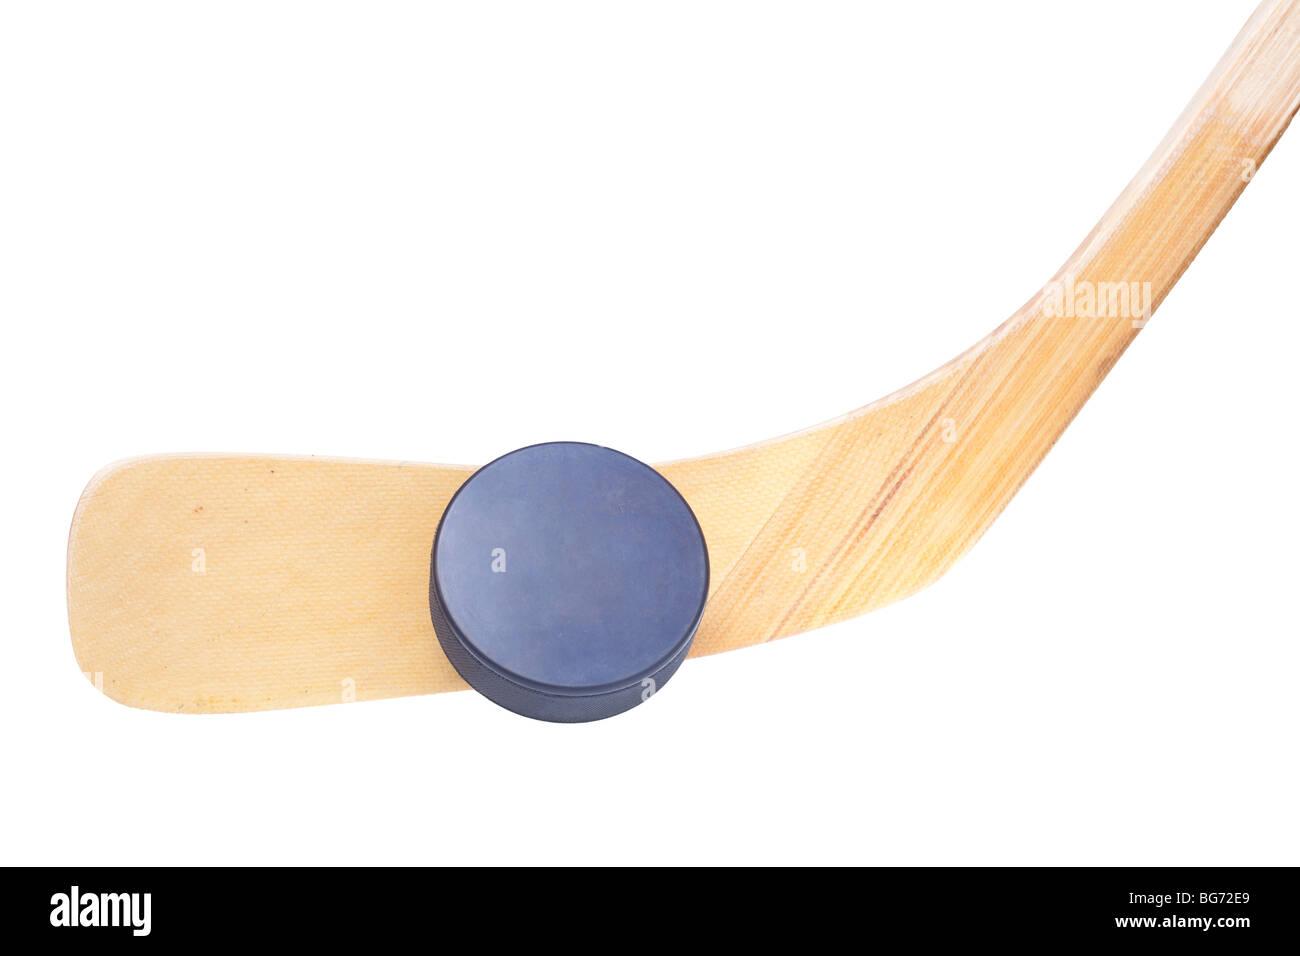 Close up di un ice hockey stick e puck isolati su sfondo bianco Immagini Stock